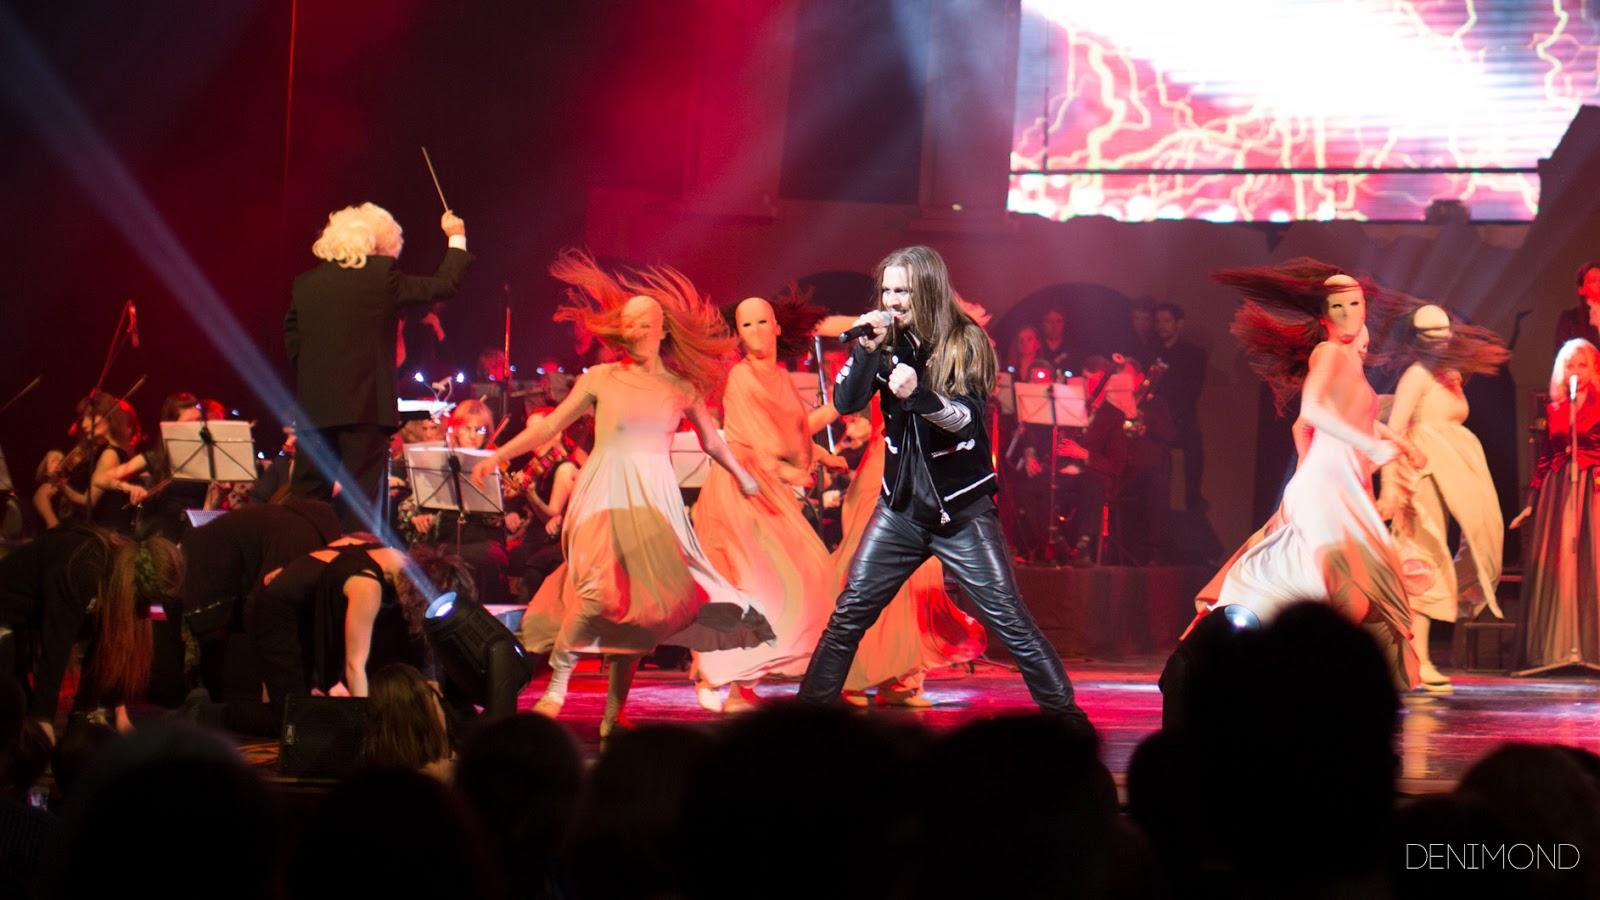 петербург-арена страсти смотреть аборта чуть померла